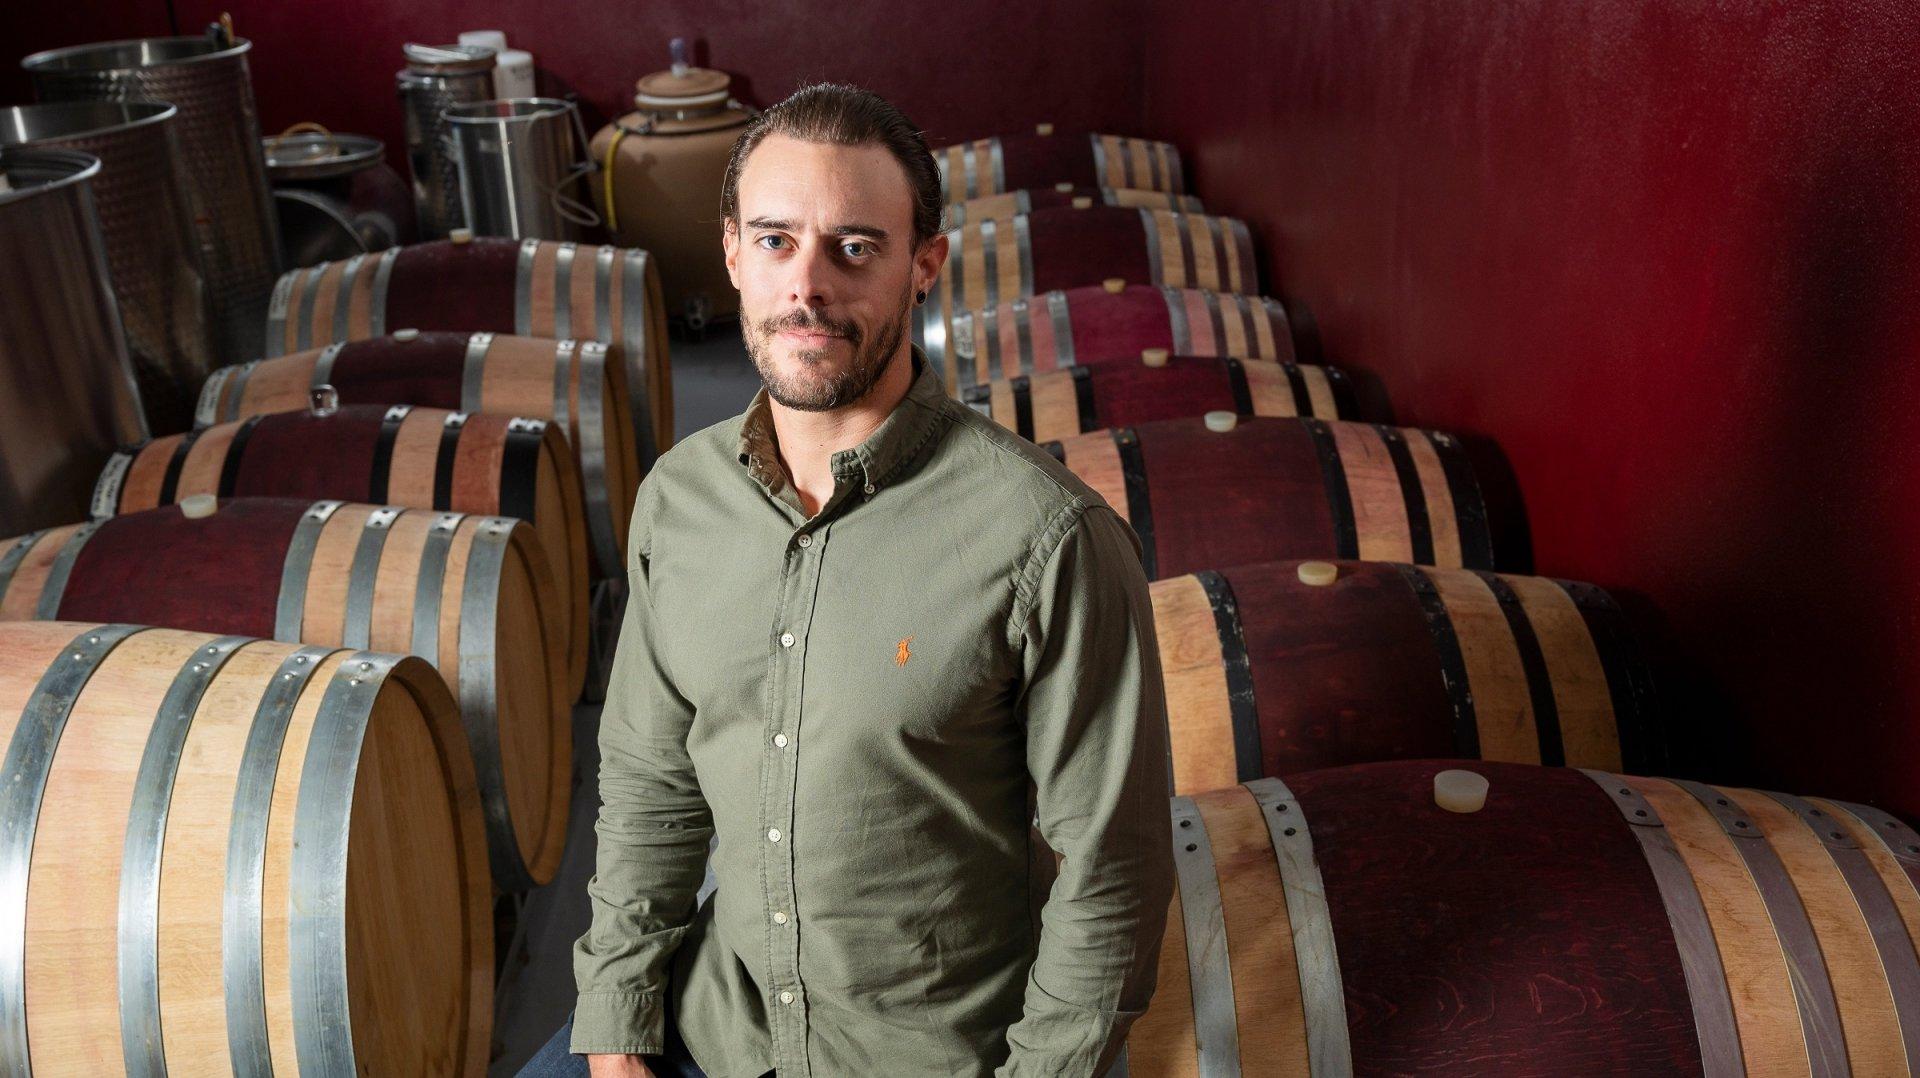 Un Valaisan parmi les nouveaux talents du vin 2022 de Gault & Millau